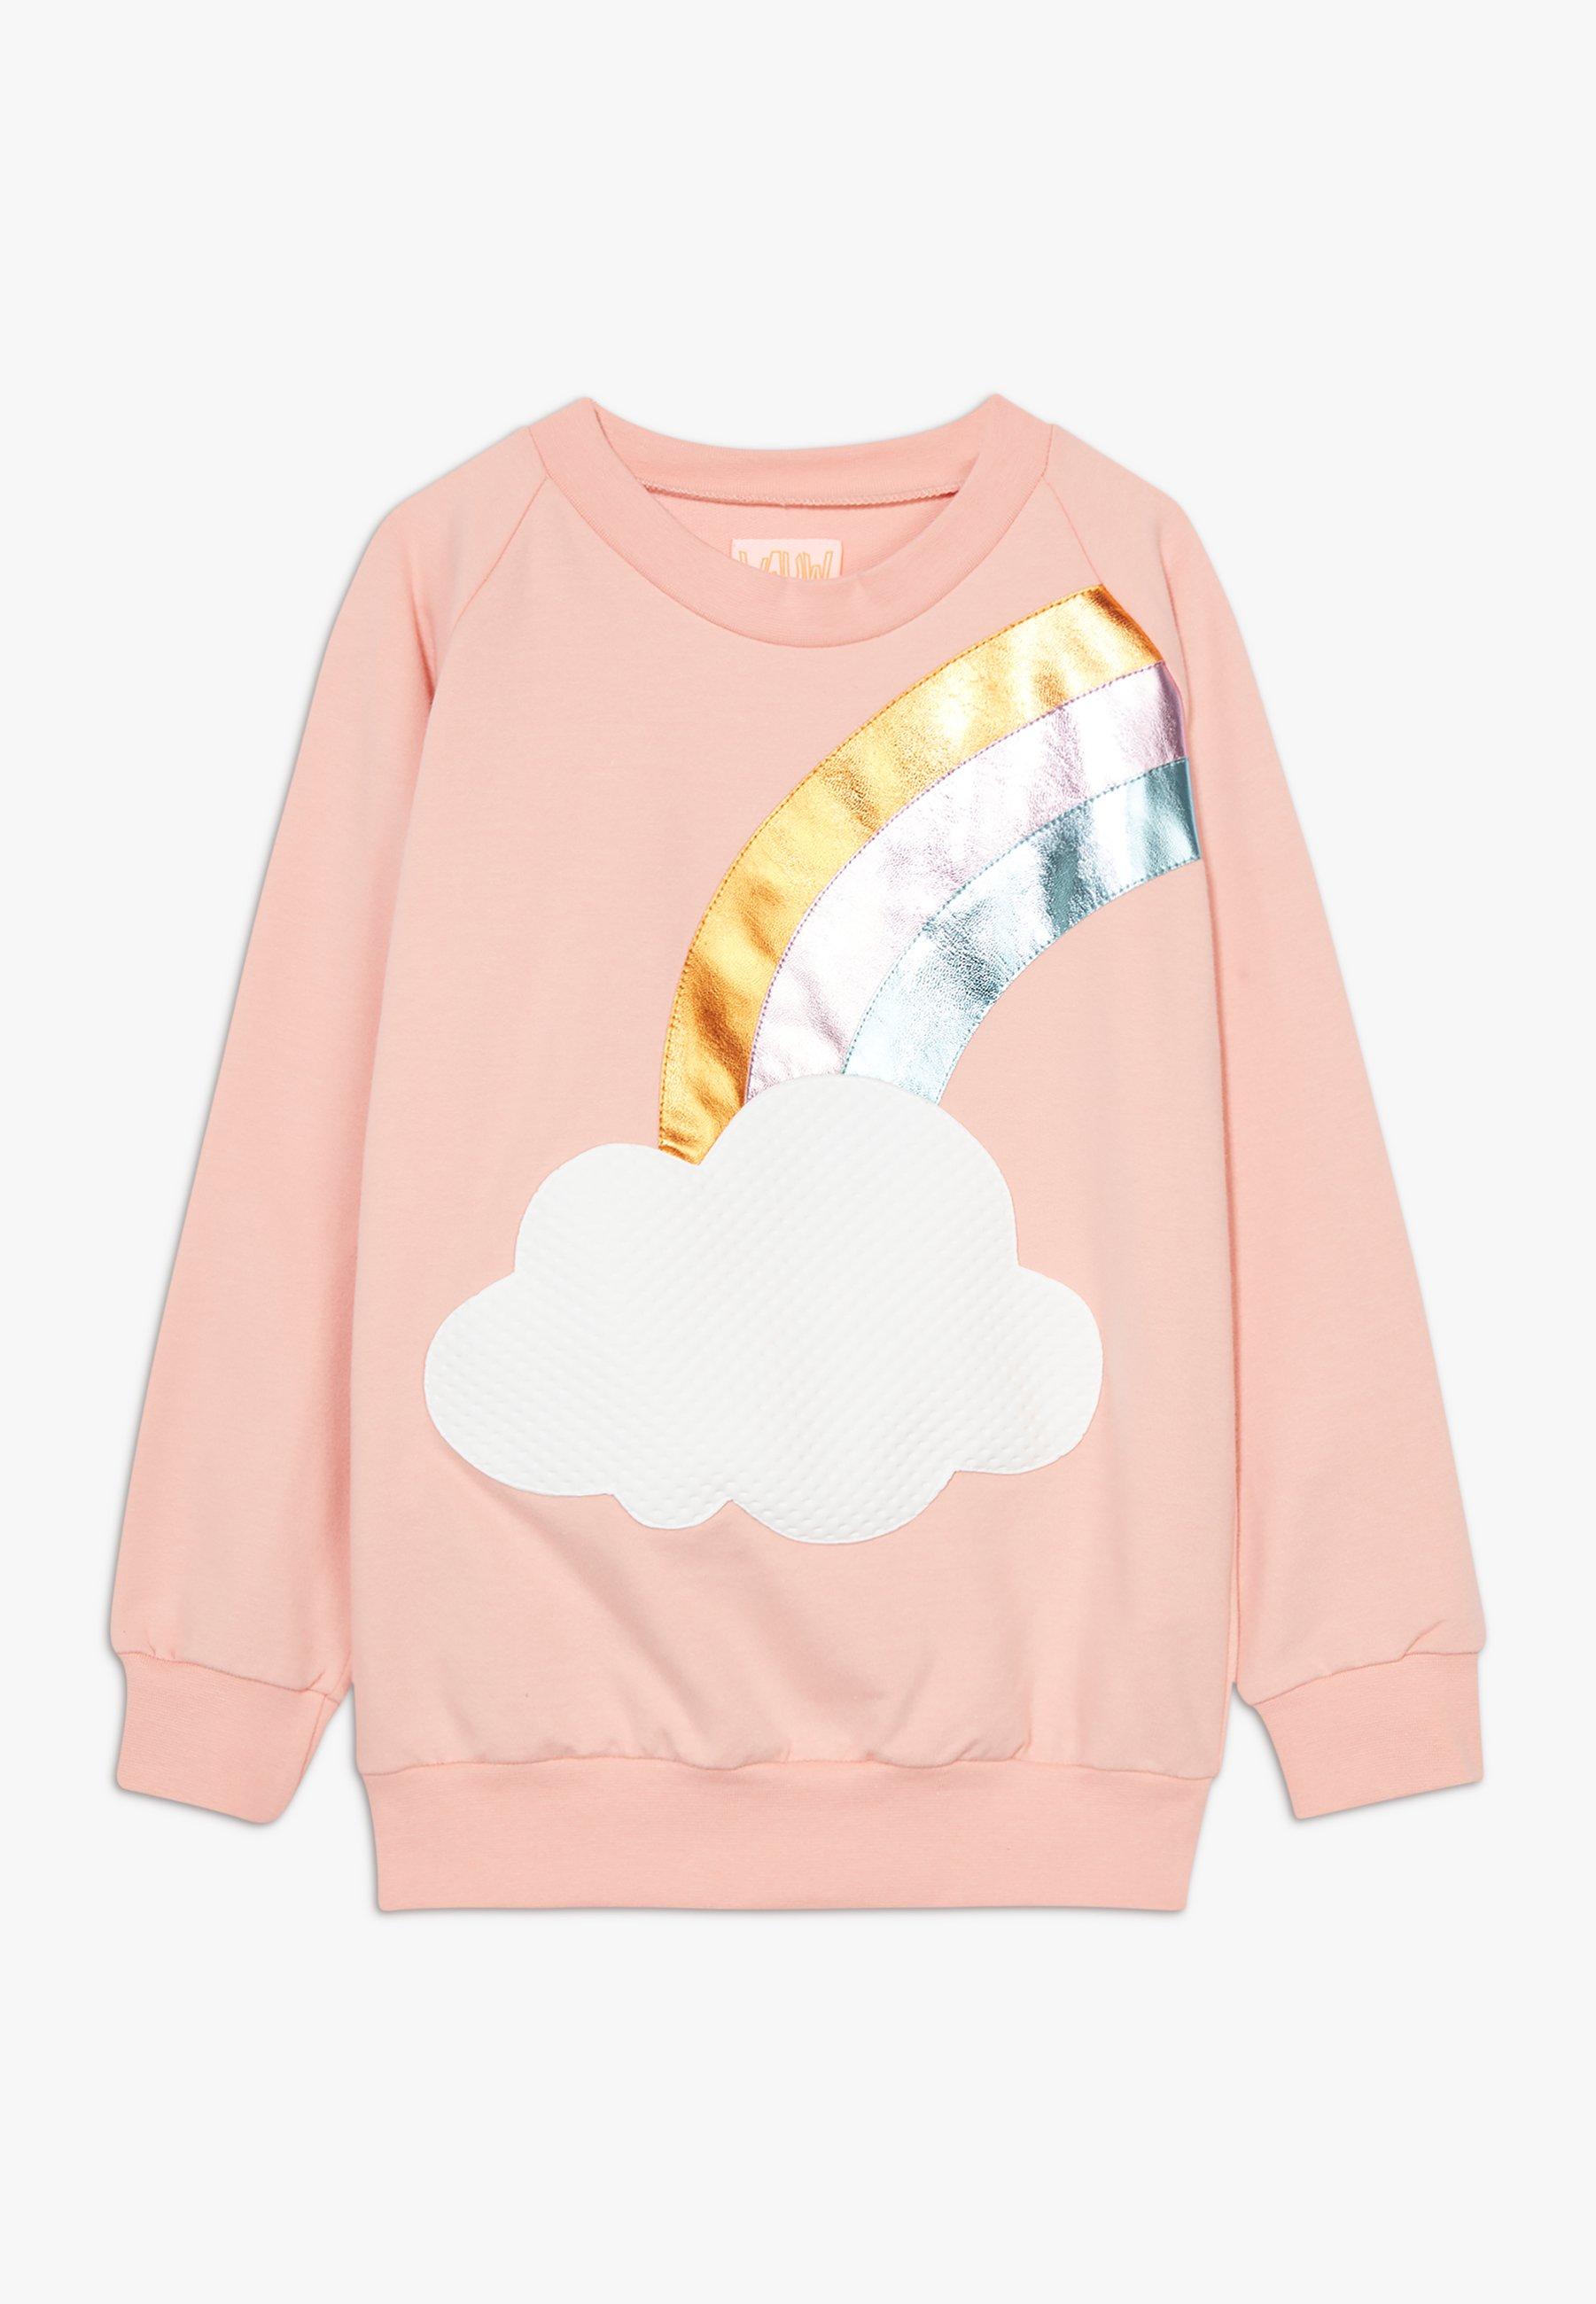 Große Förderung WAUW CAPOW by Bangbang Copenhagen GOOD LUCK - Sweatshirt - pink | Damenbekleidung 2020